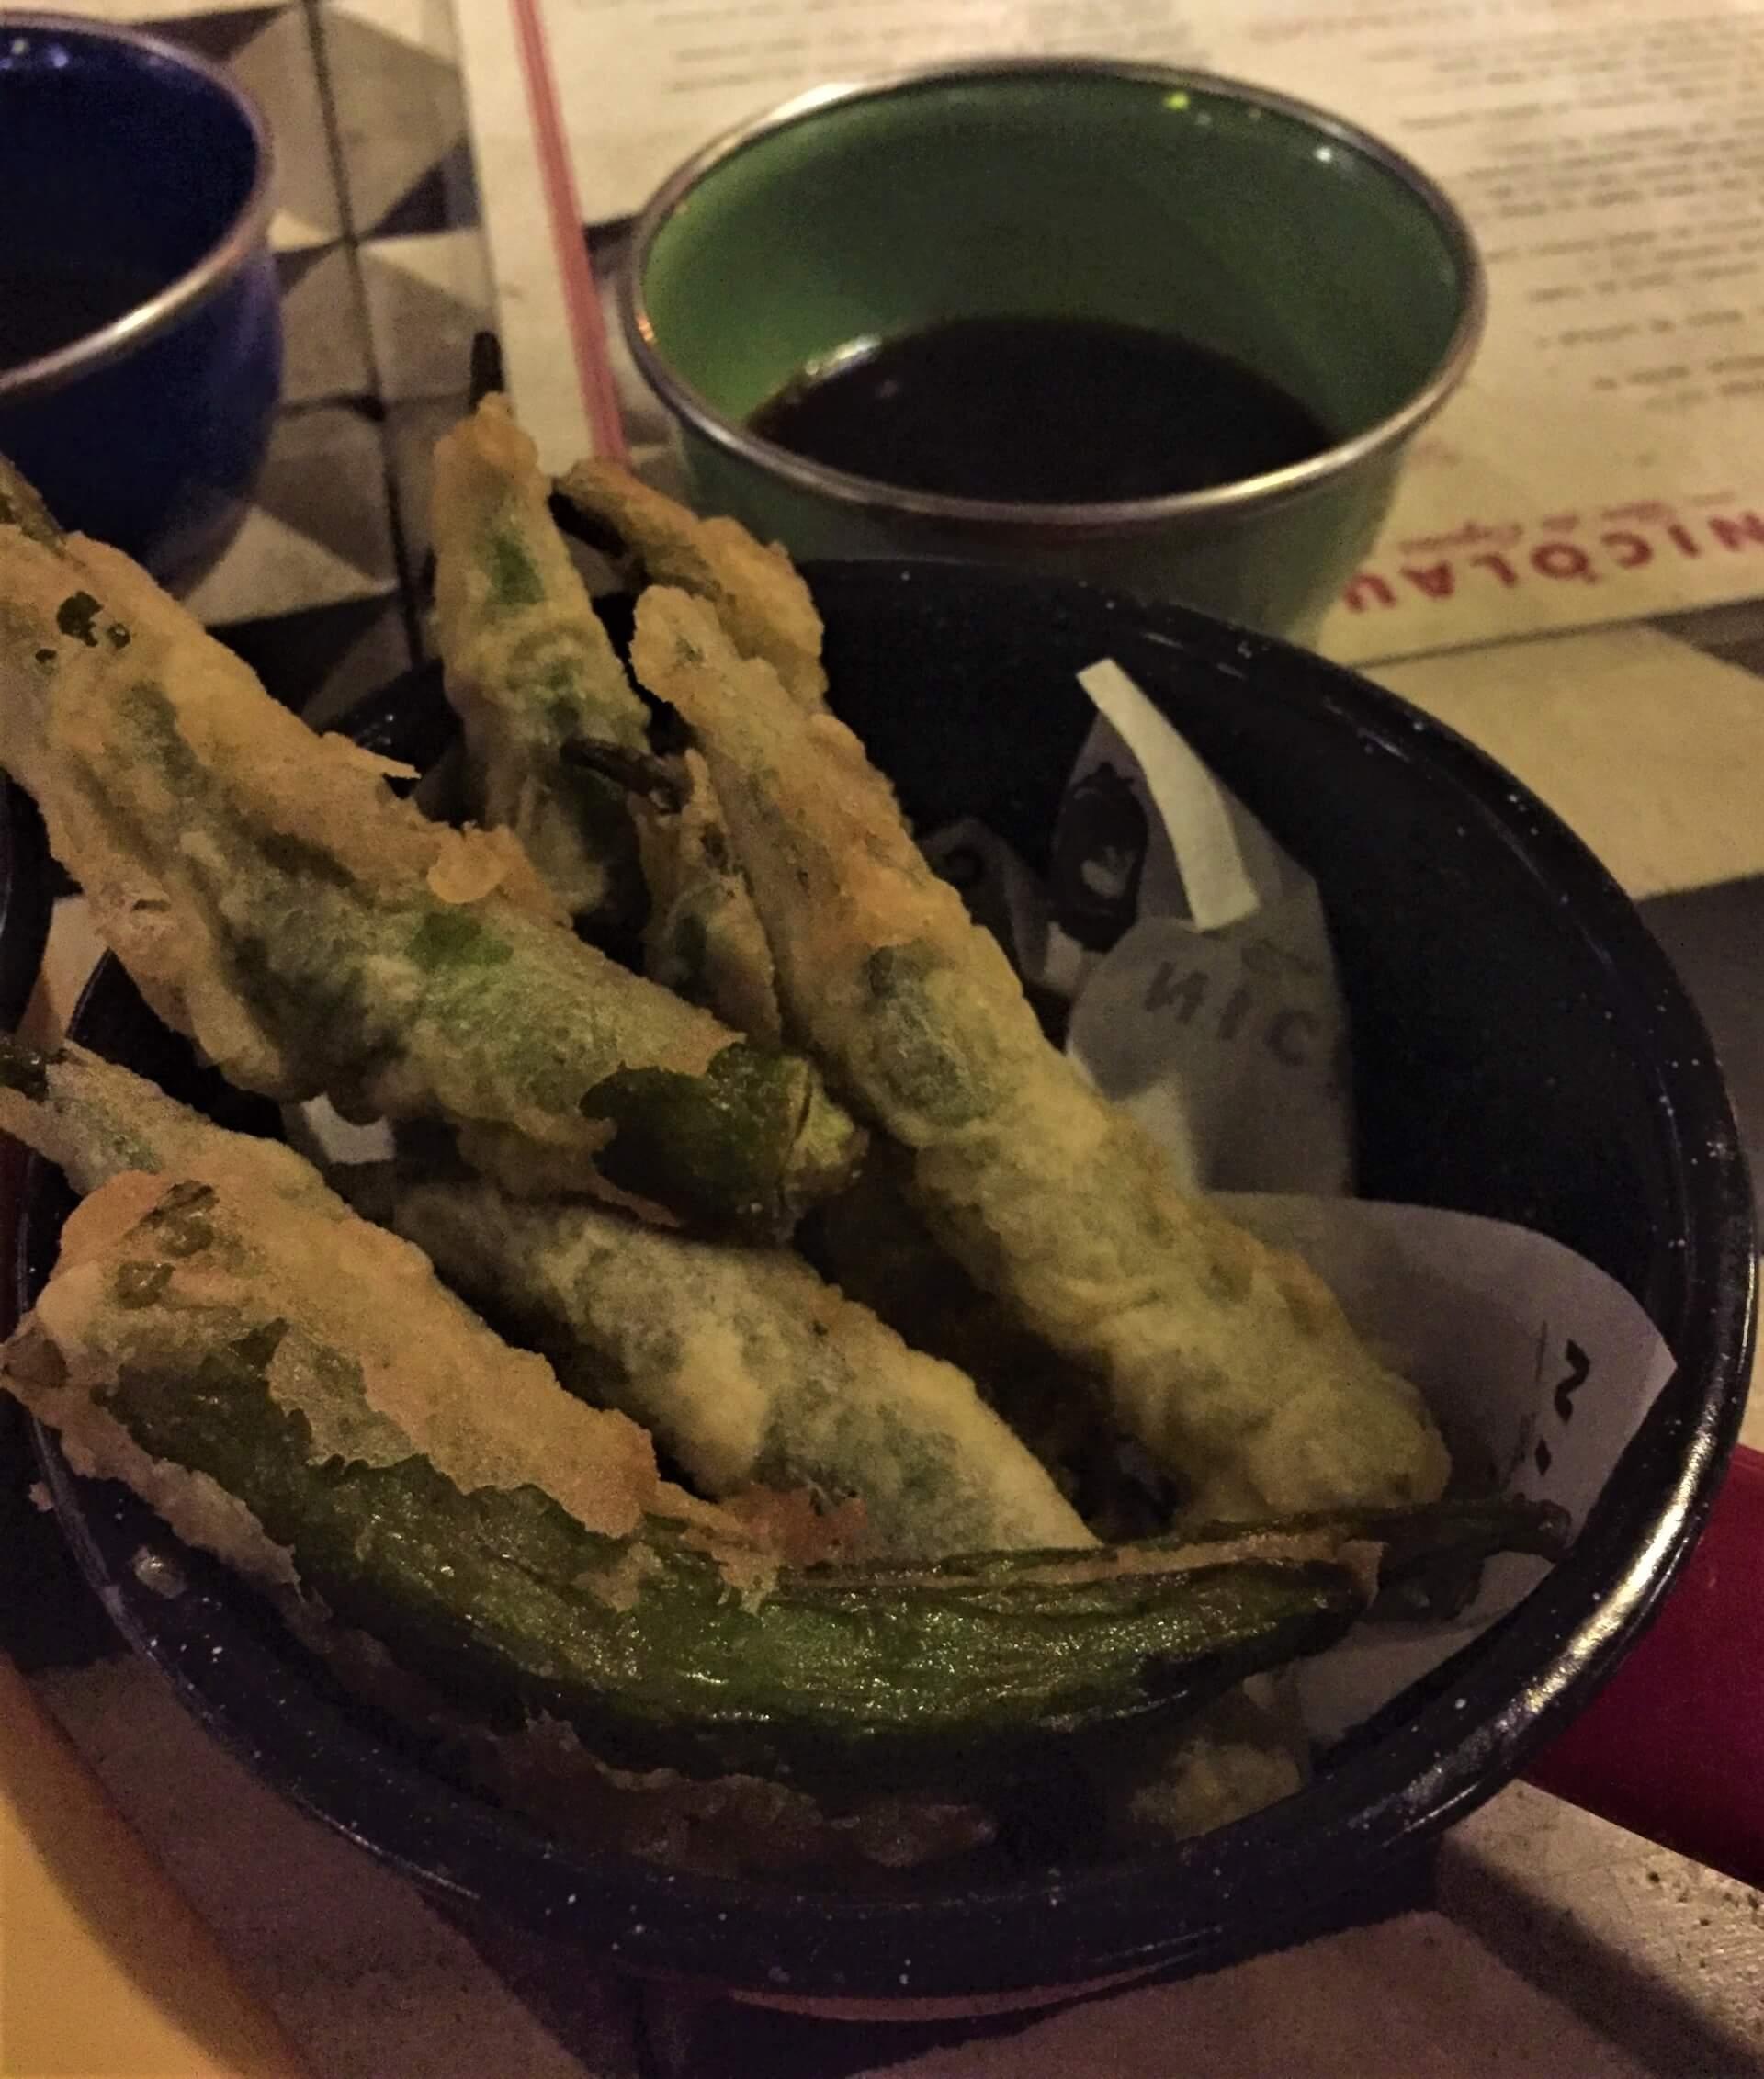 Imagem: Os pratos são internacionais, com releituras bem mineiras. Experimentamos o tempurá de quiabo e o sanduíche de pastrami de língua bovina, ambos deliciosos! Imagem: acervo pessoal Fabíola Cordeiro.